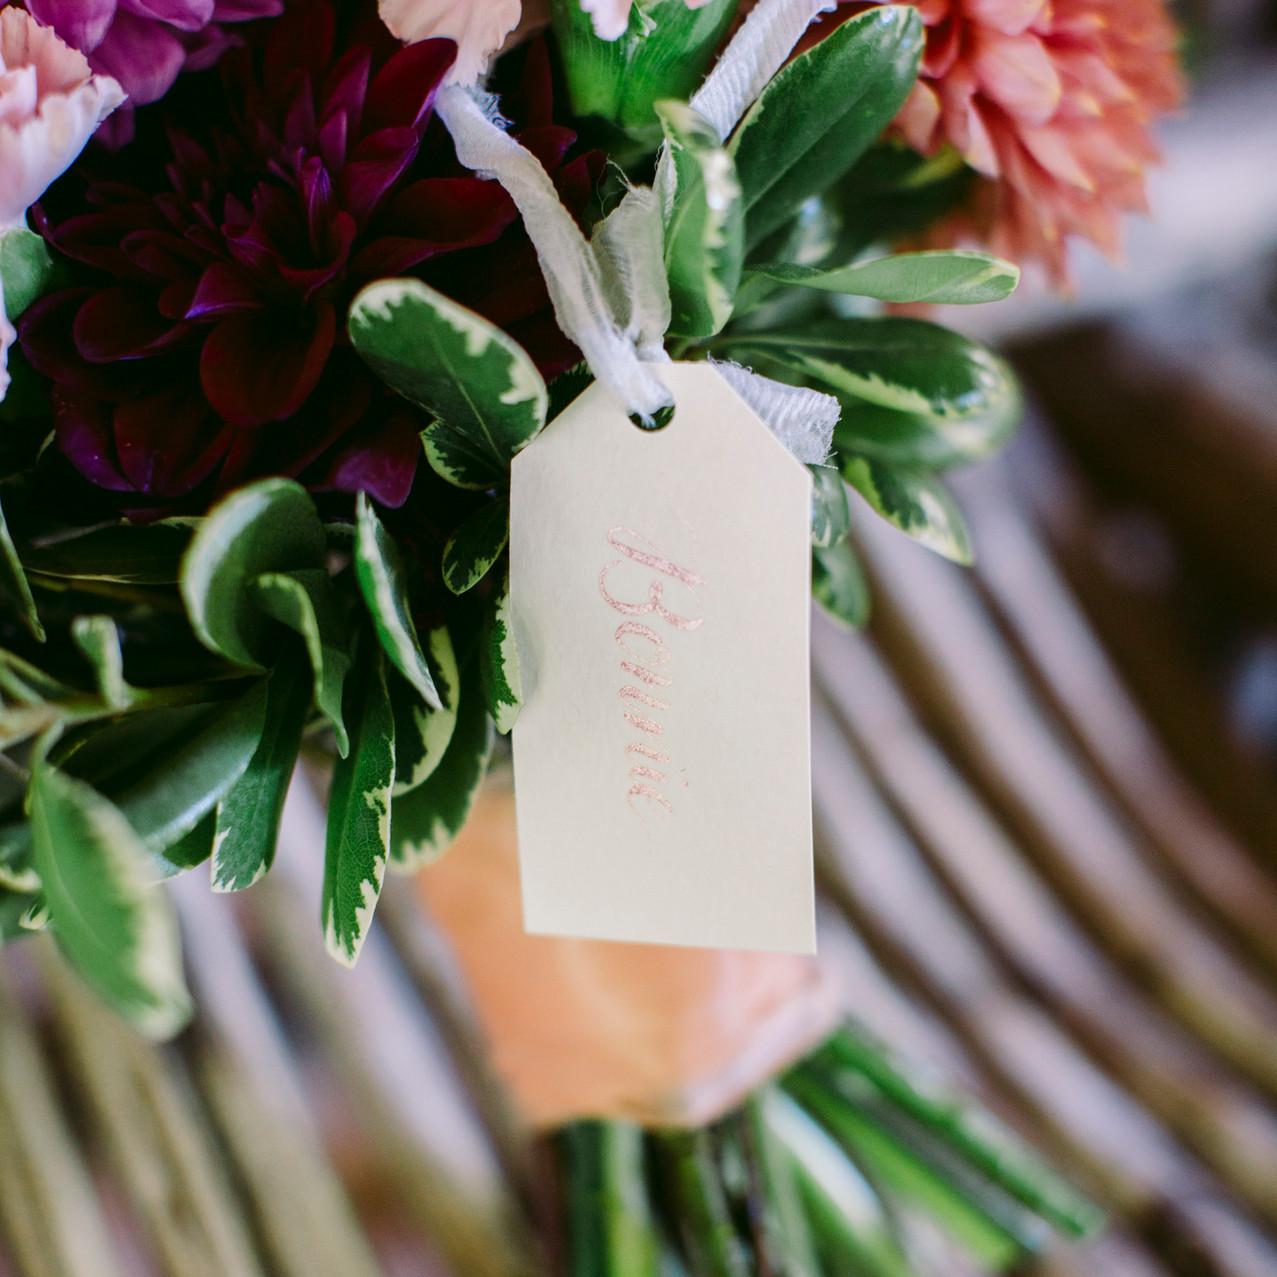 Bonnie's Bouquet